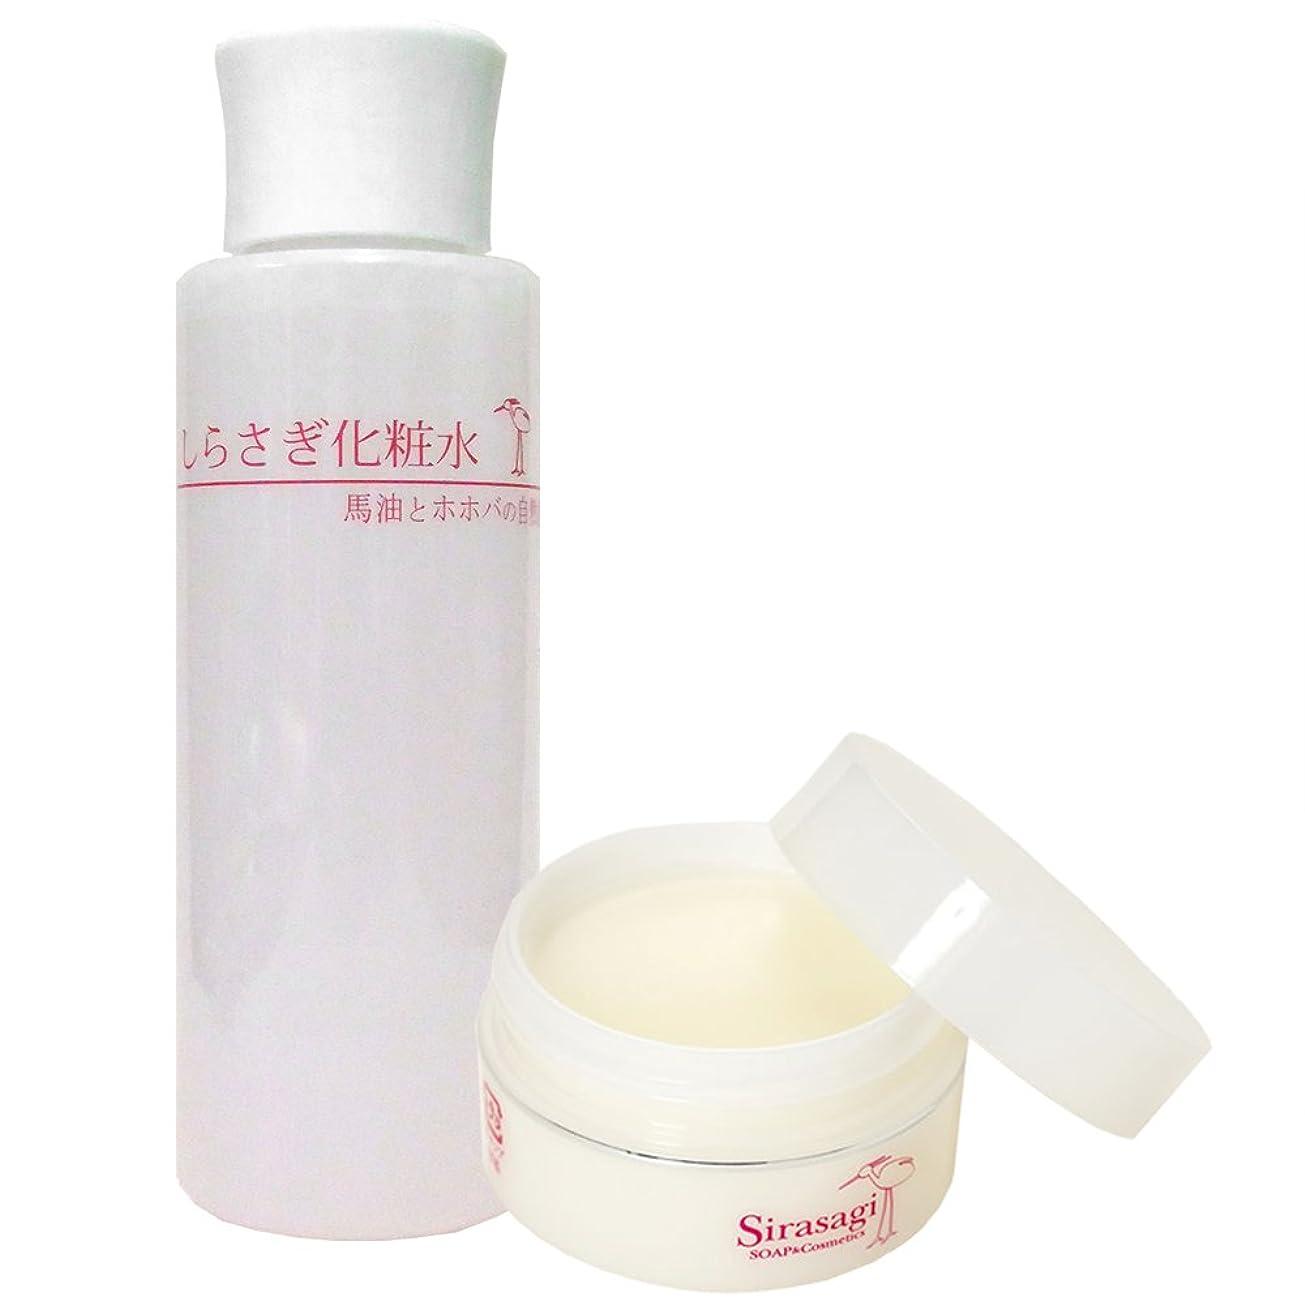 好ましい衣服登山家しらさぎクリーム(無香料)としらさぎ化粧水のセット